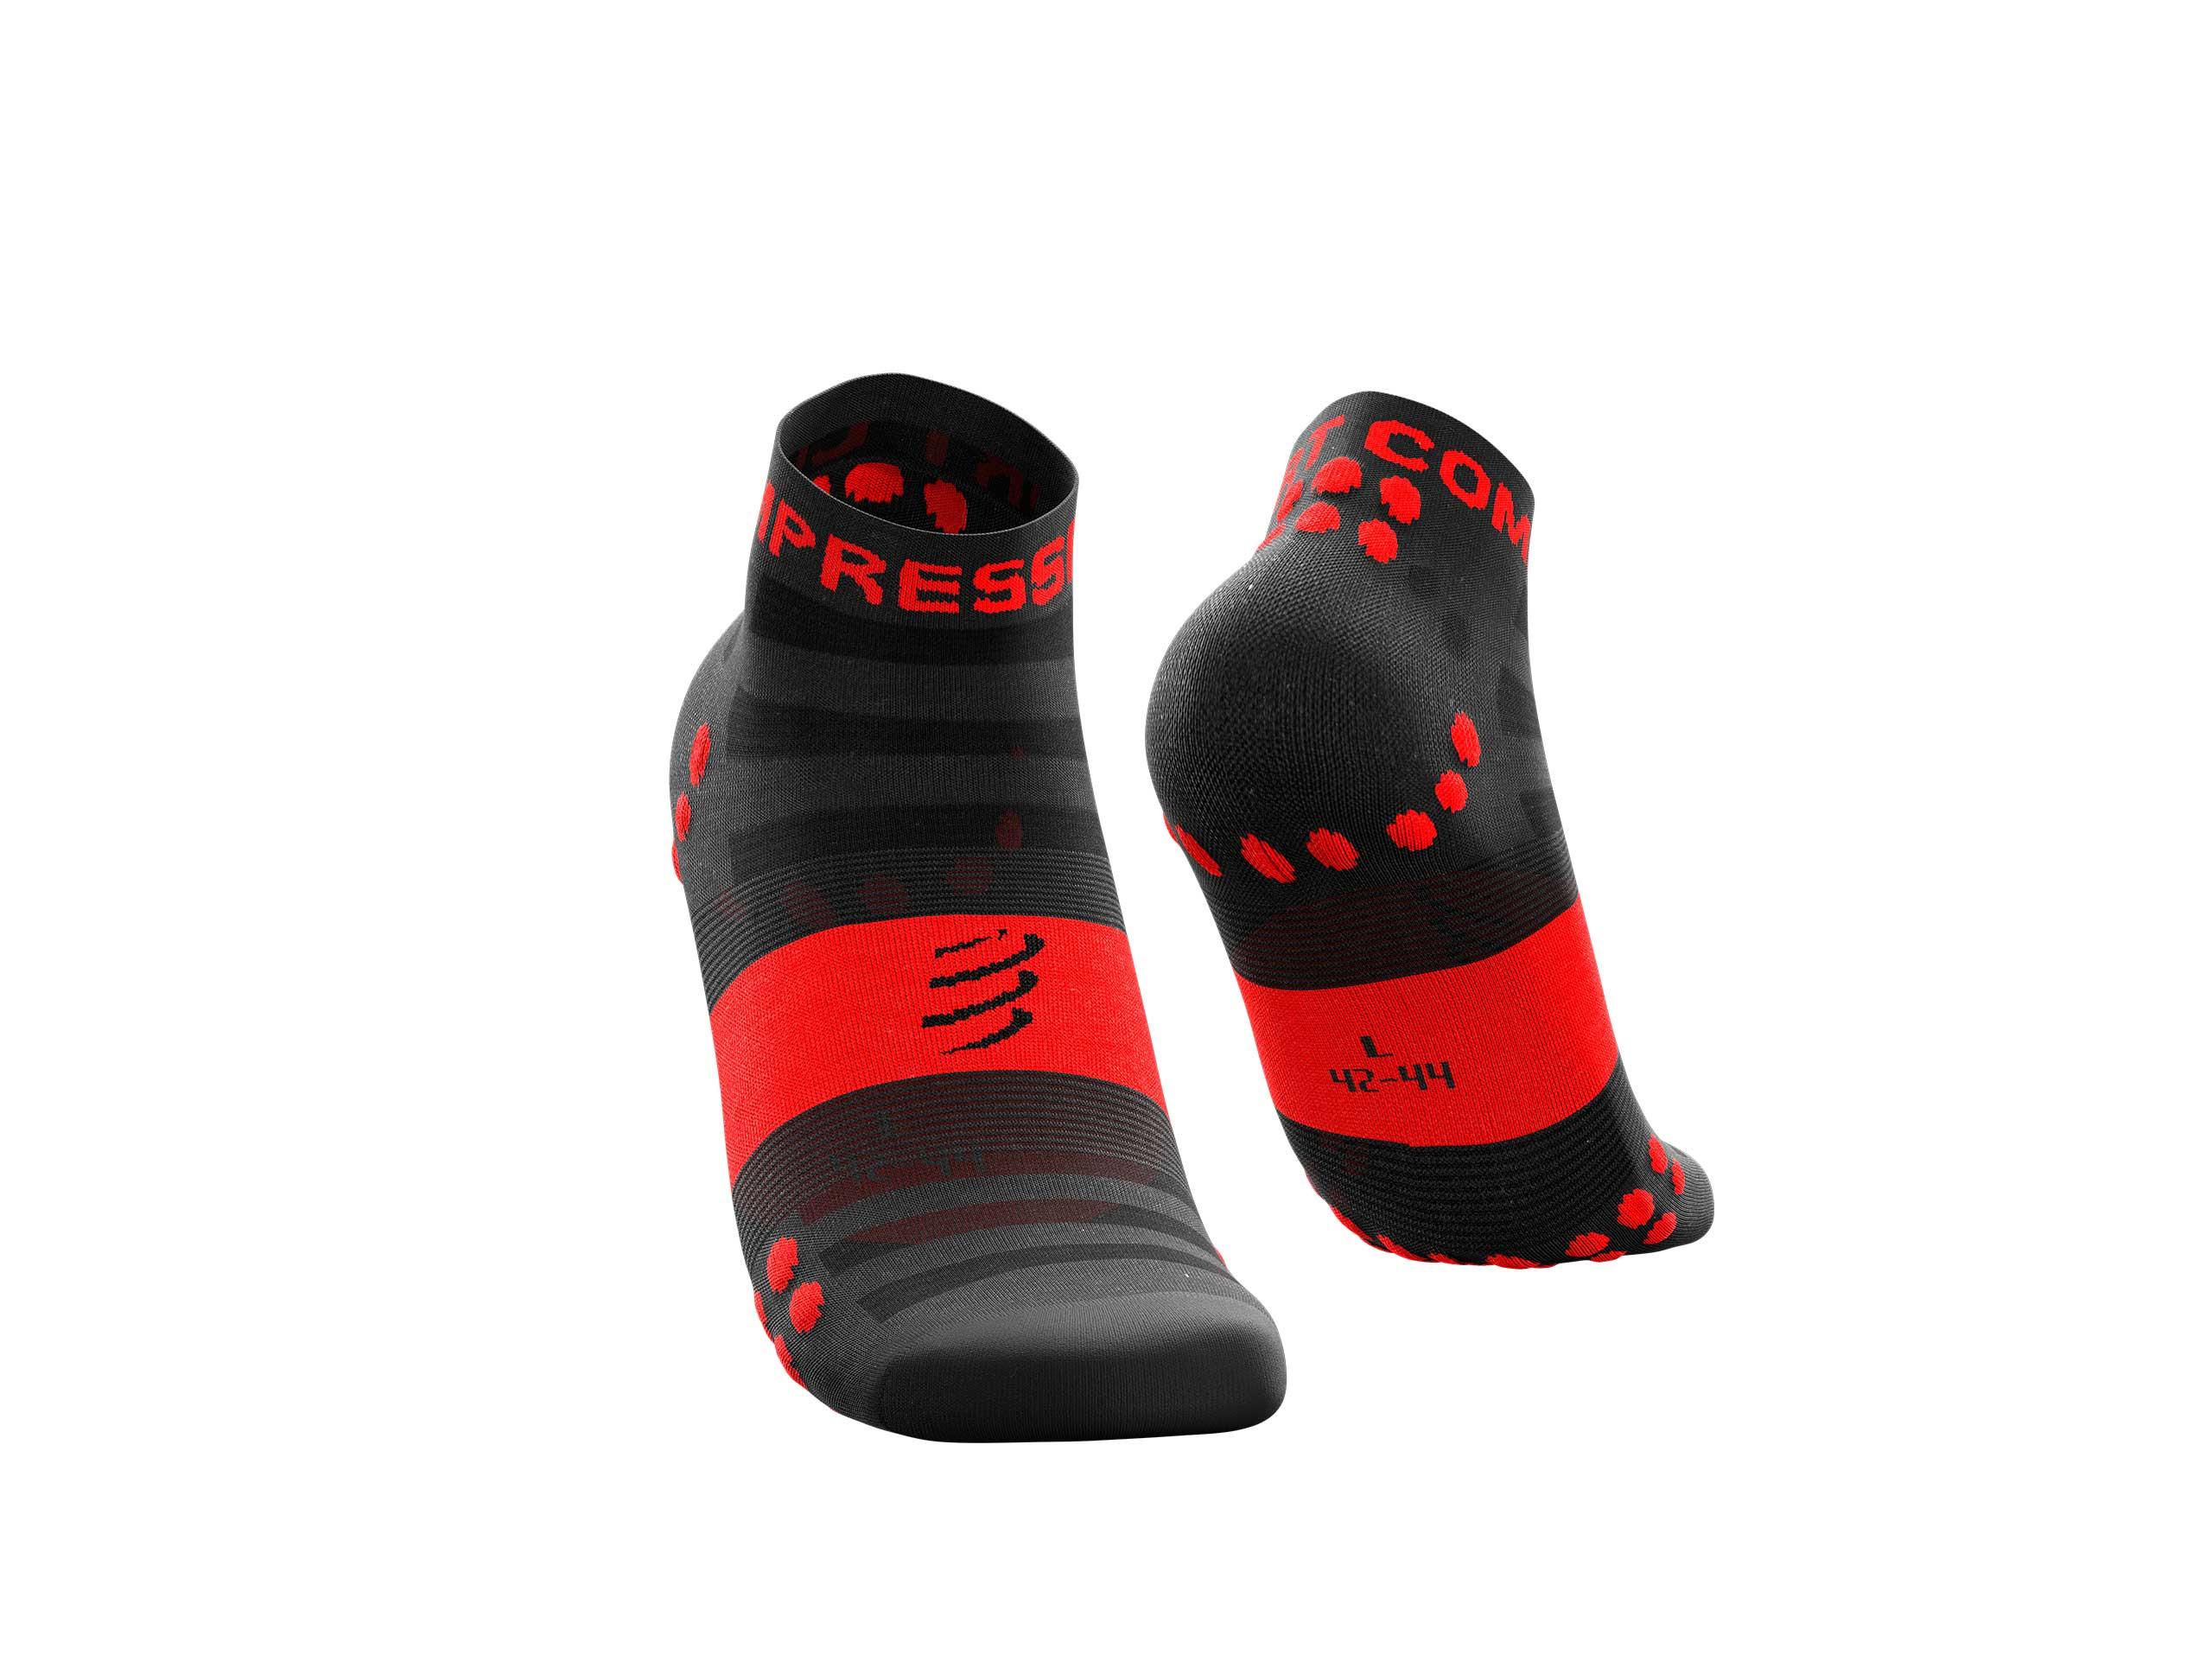 Calzini da gara professionali v3.0 Ultralight Run Low neri/rossi